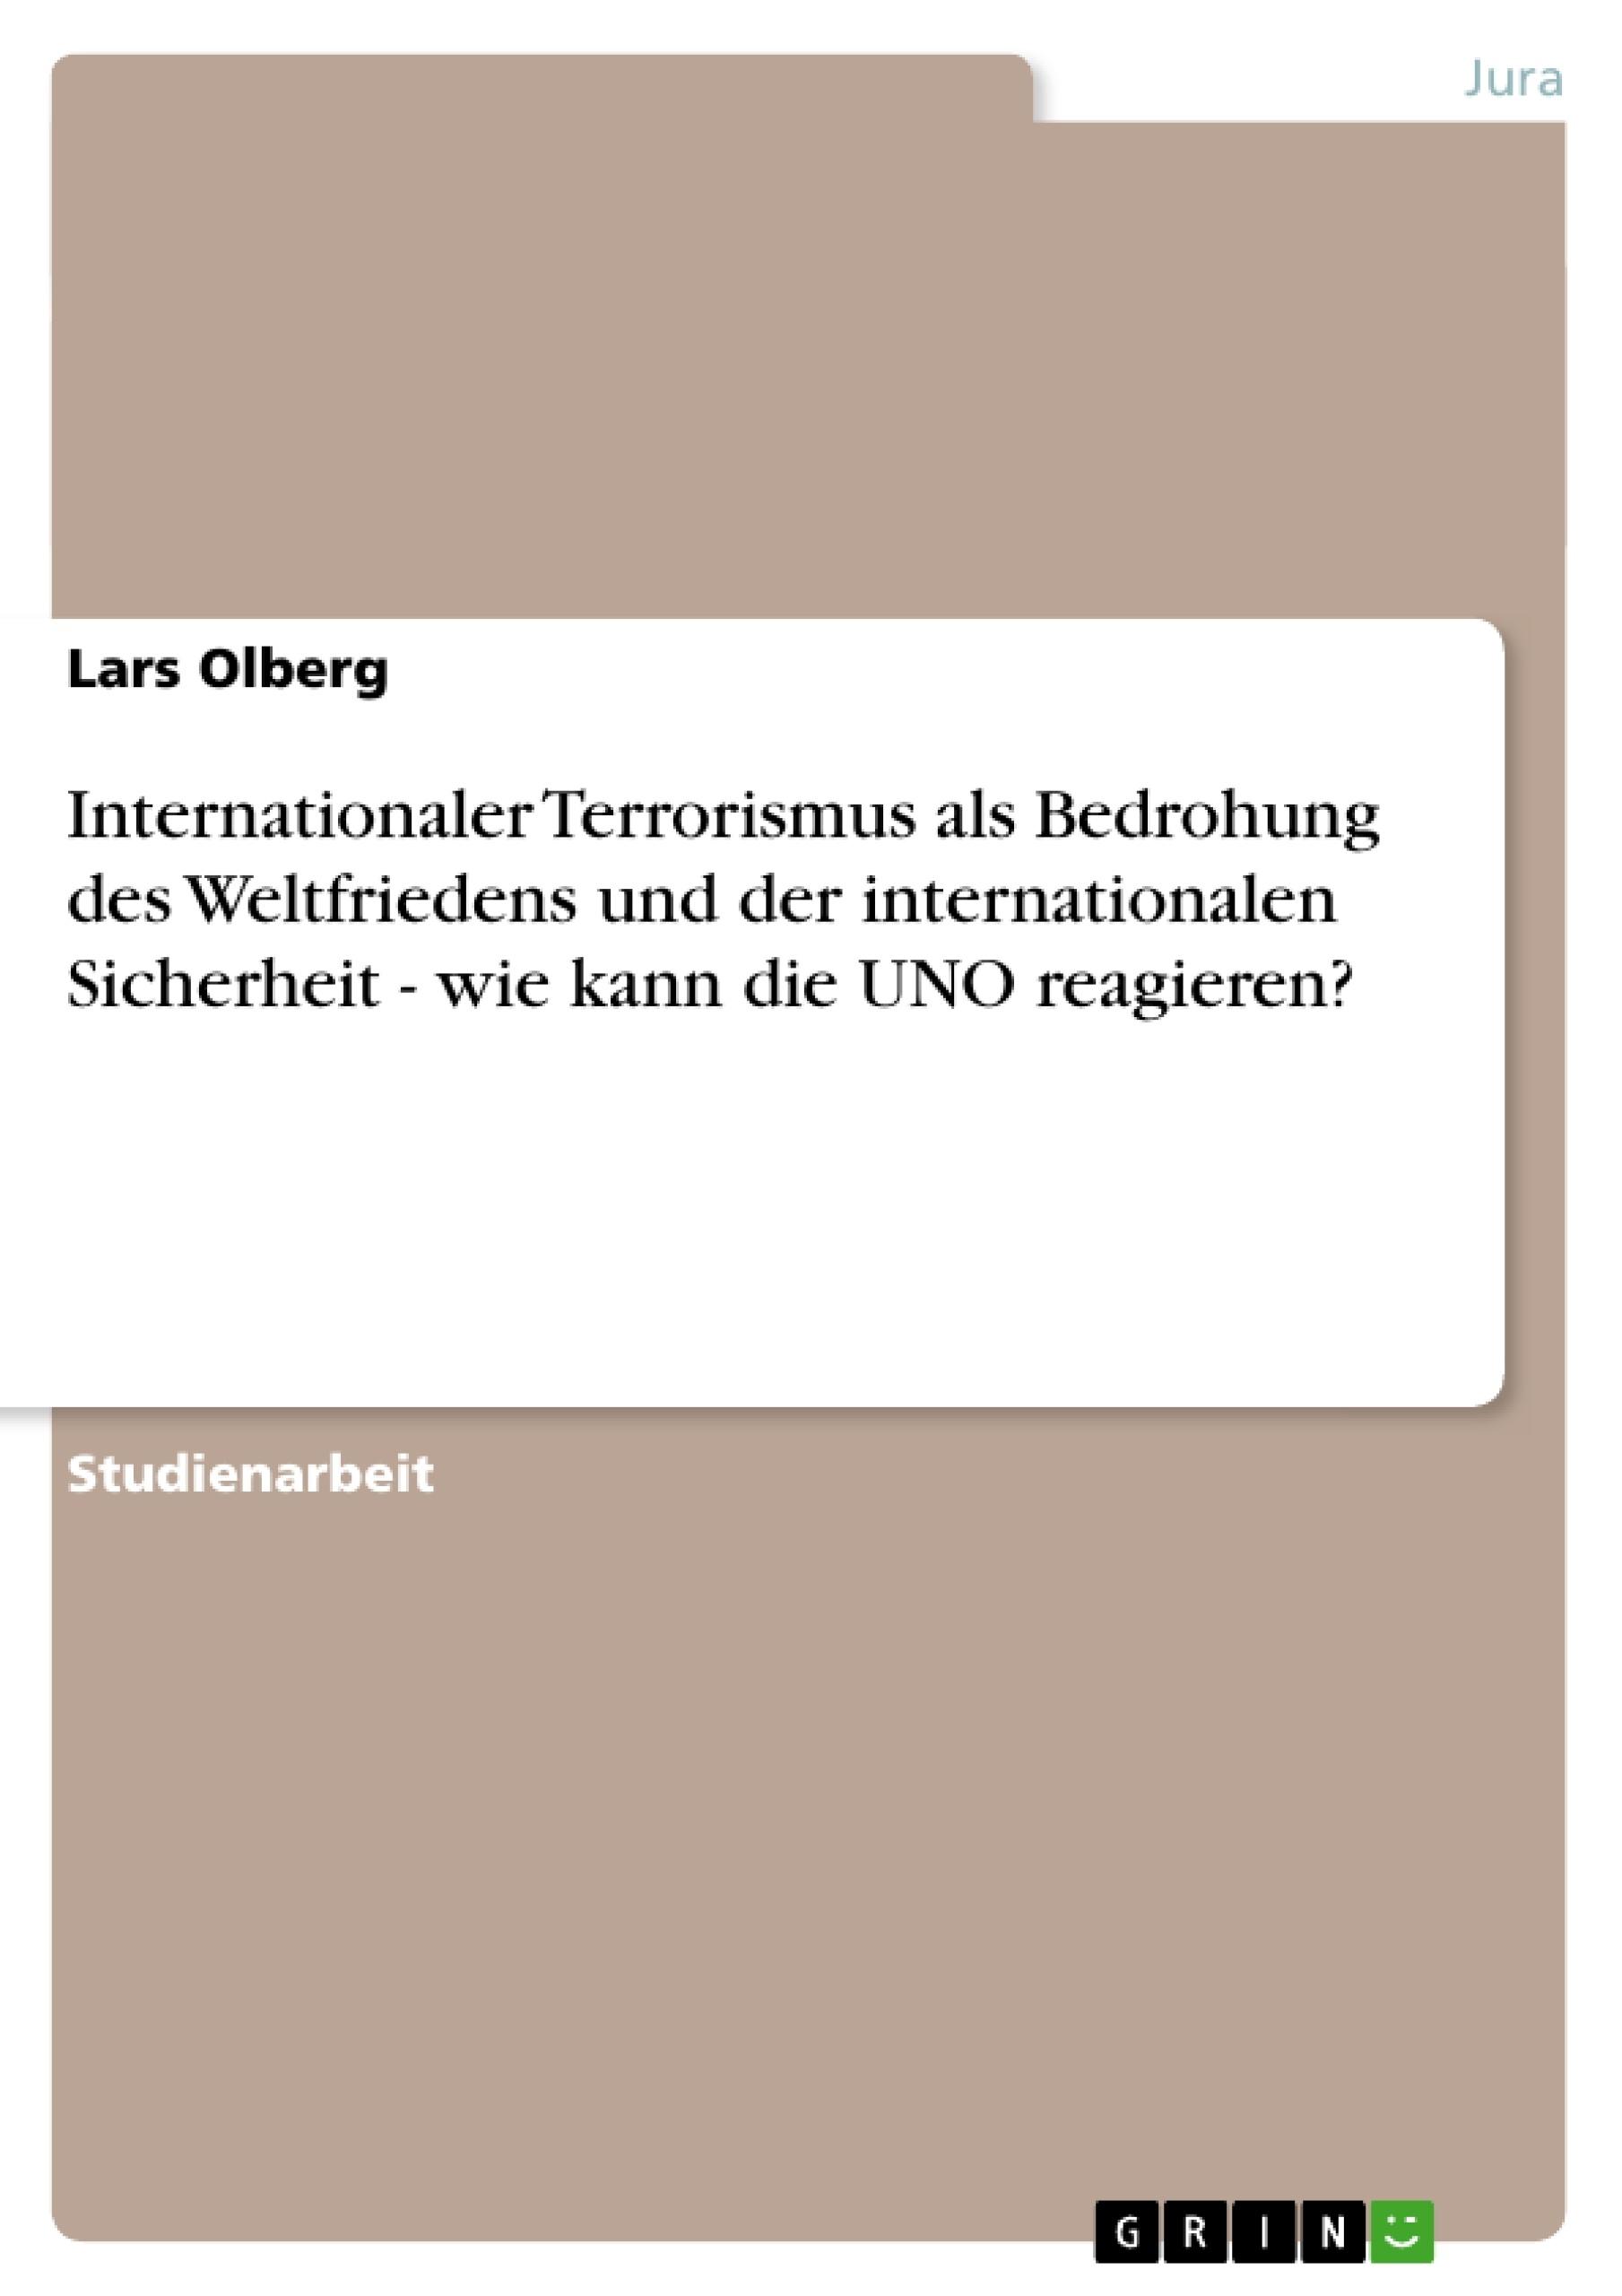 Titel: Internationaler Terrorismus als Bedrohung des Weltfriedens und der internationalen Sicherheit - wie kann die UNO reagieren?